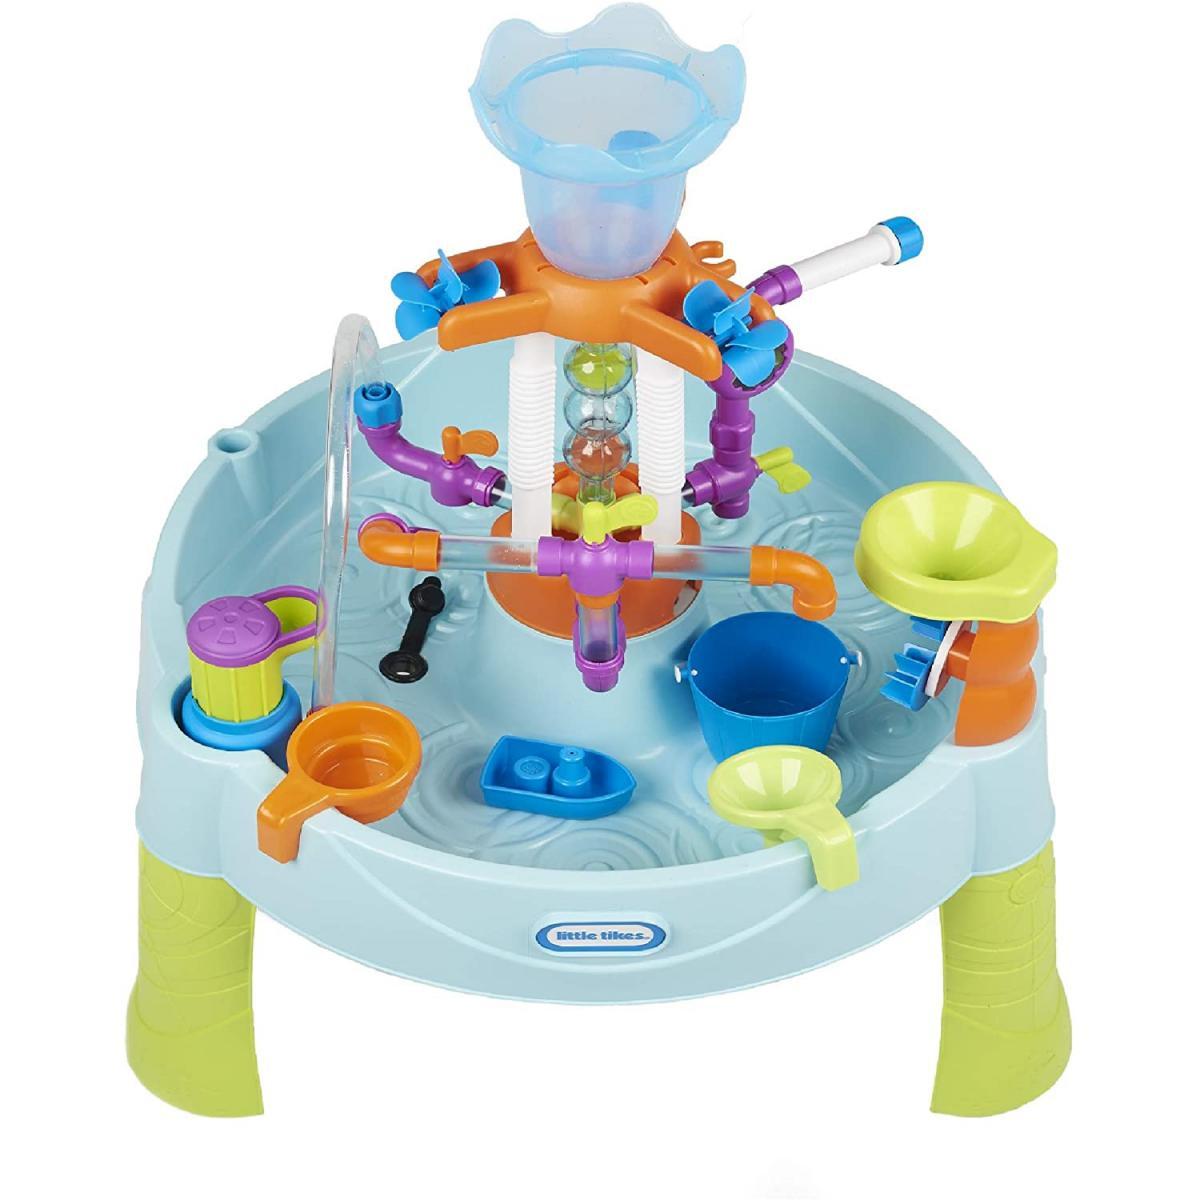 Little Tikes Little Tikes 650666M - Flowin' Fun Une table d'eau robuste avec des éléments interchangeables